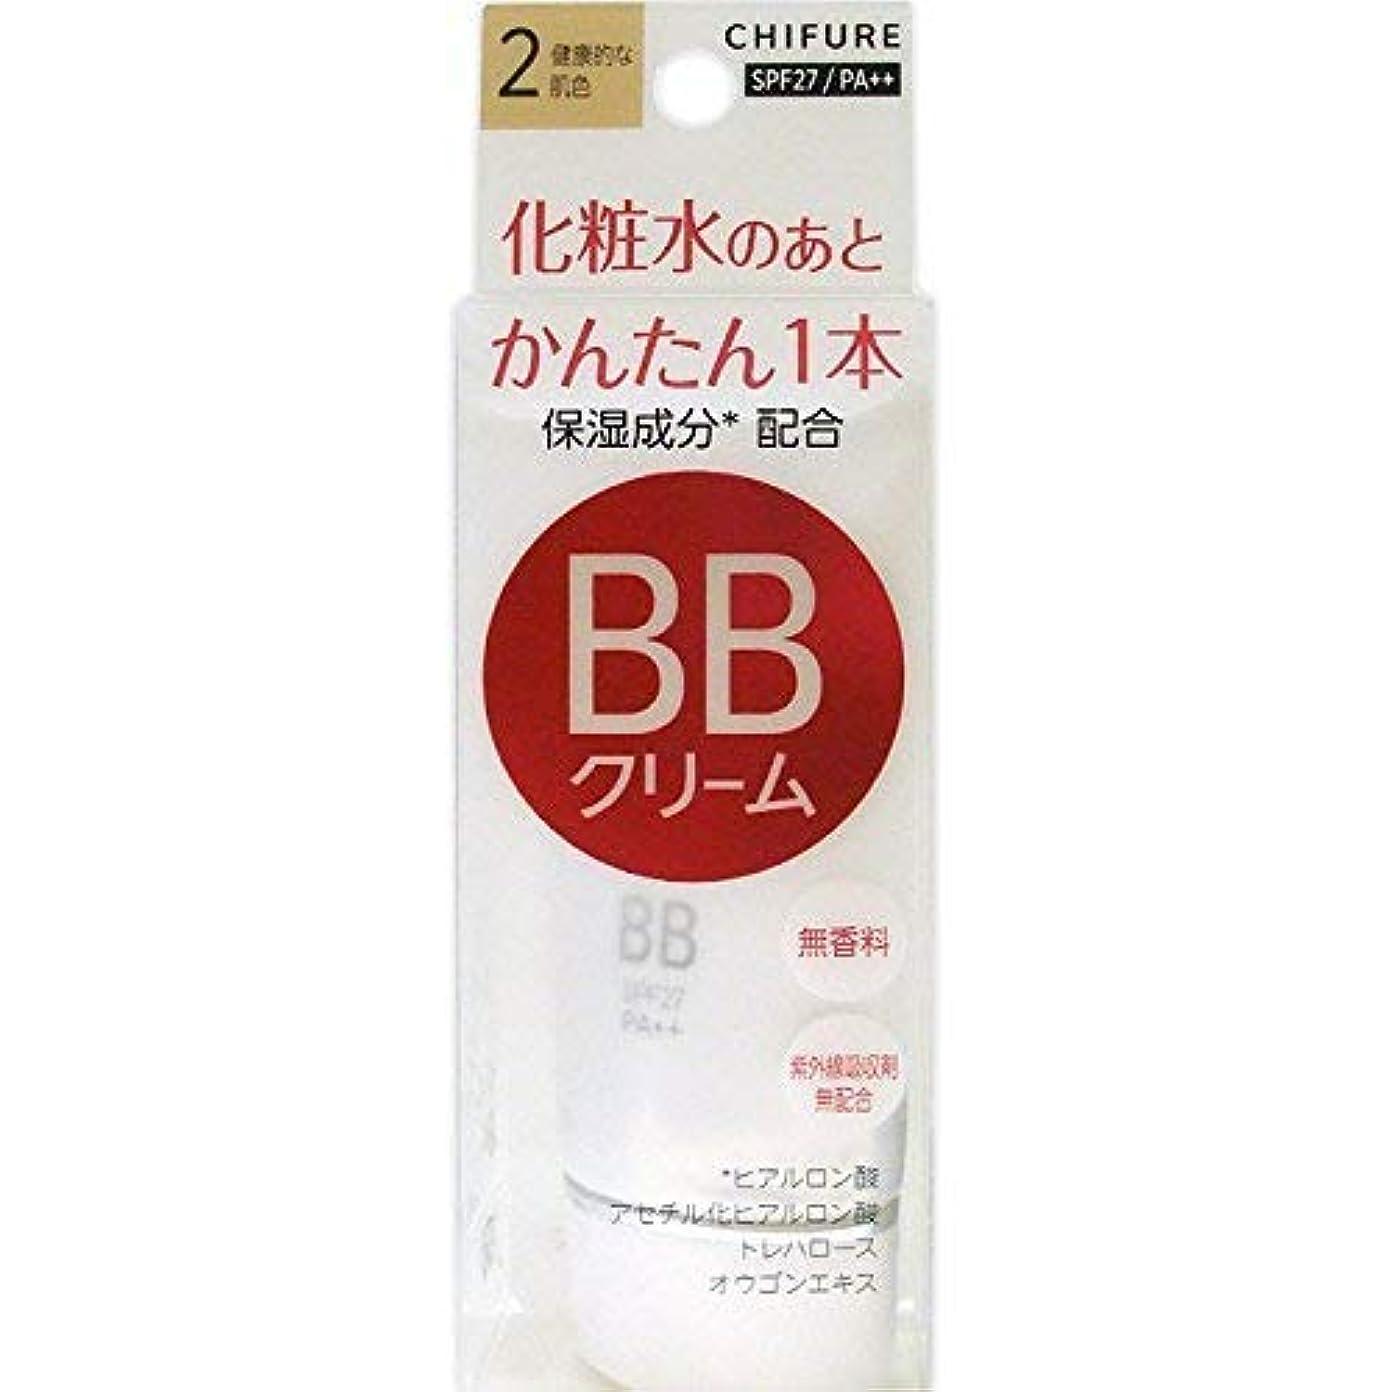 メニューイソギンチャク挨拶ちふれ化粧品 BB クリーム 2 健康的な肌色 BBクリーム 2